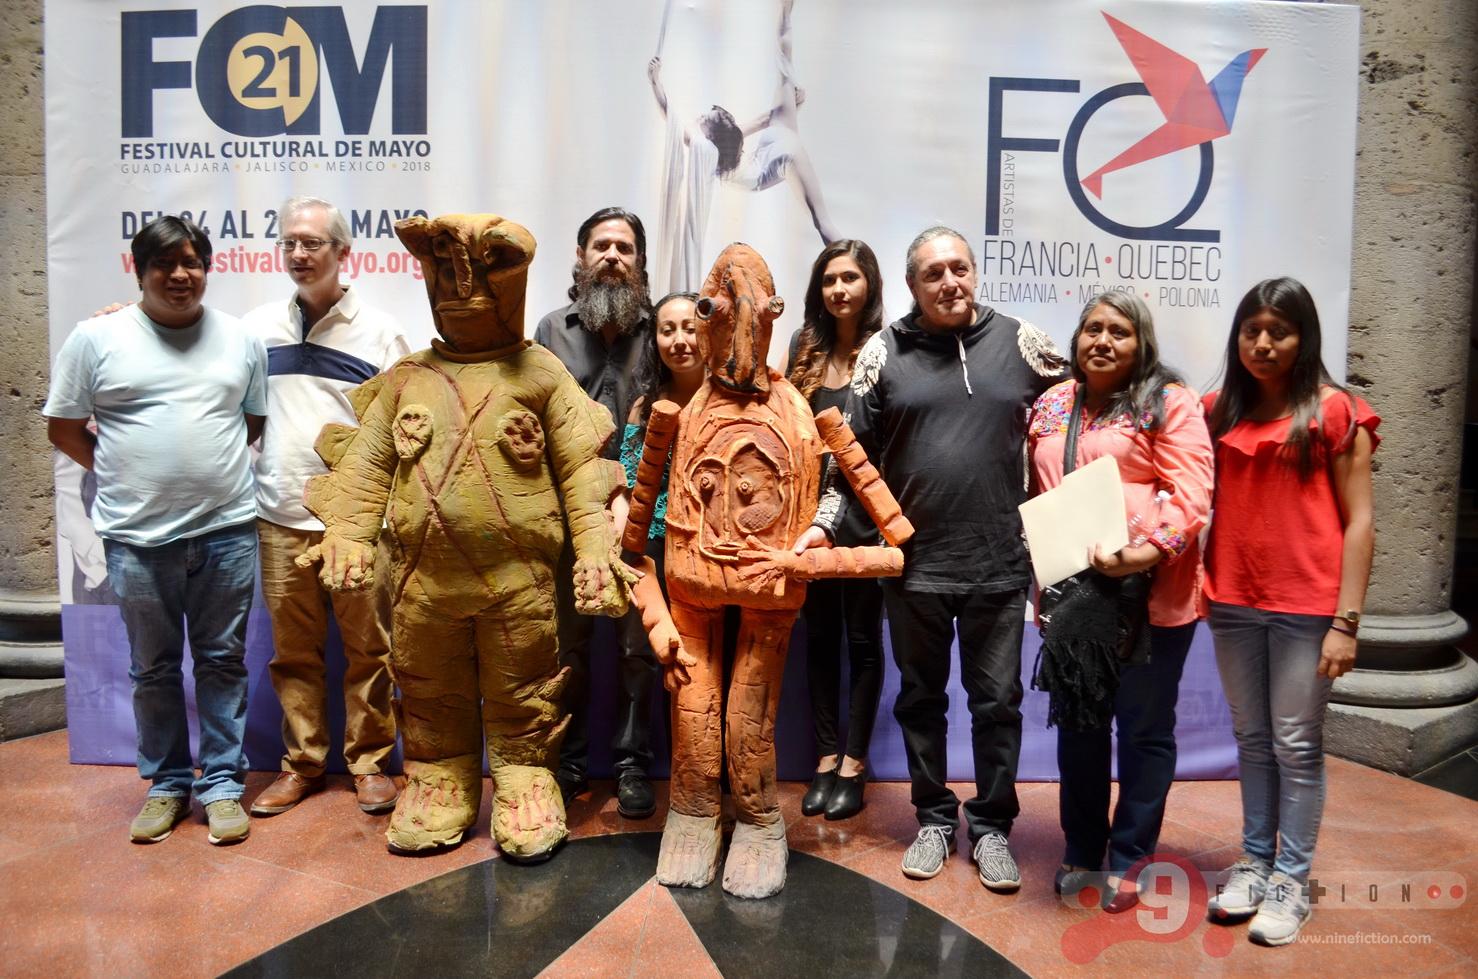 Festival de Mayo 2018 - Prensa - Foto Salvador Tabares 33